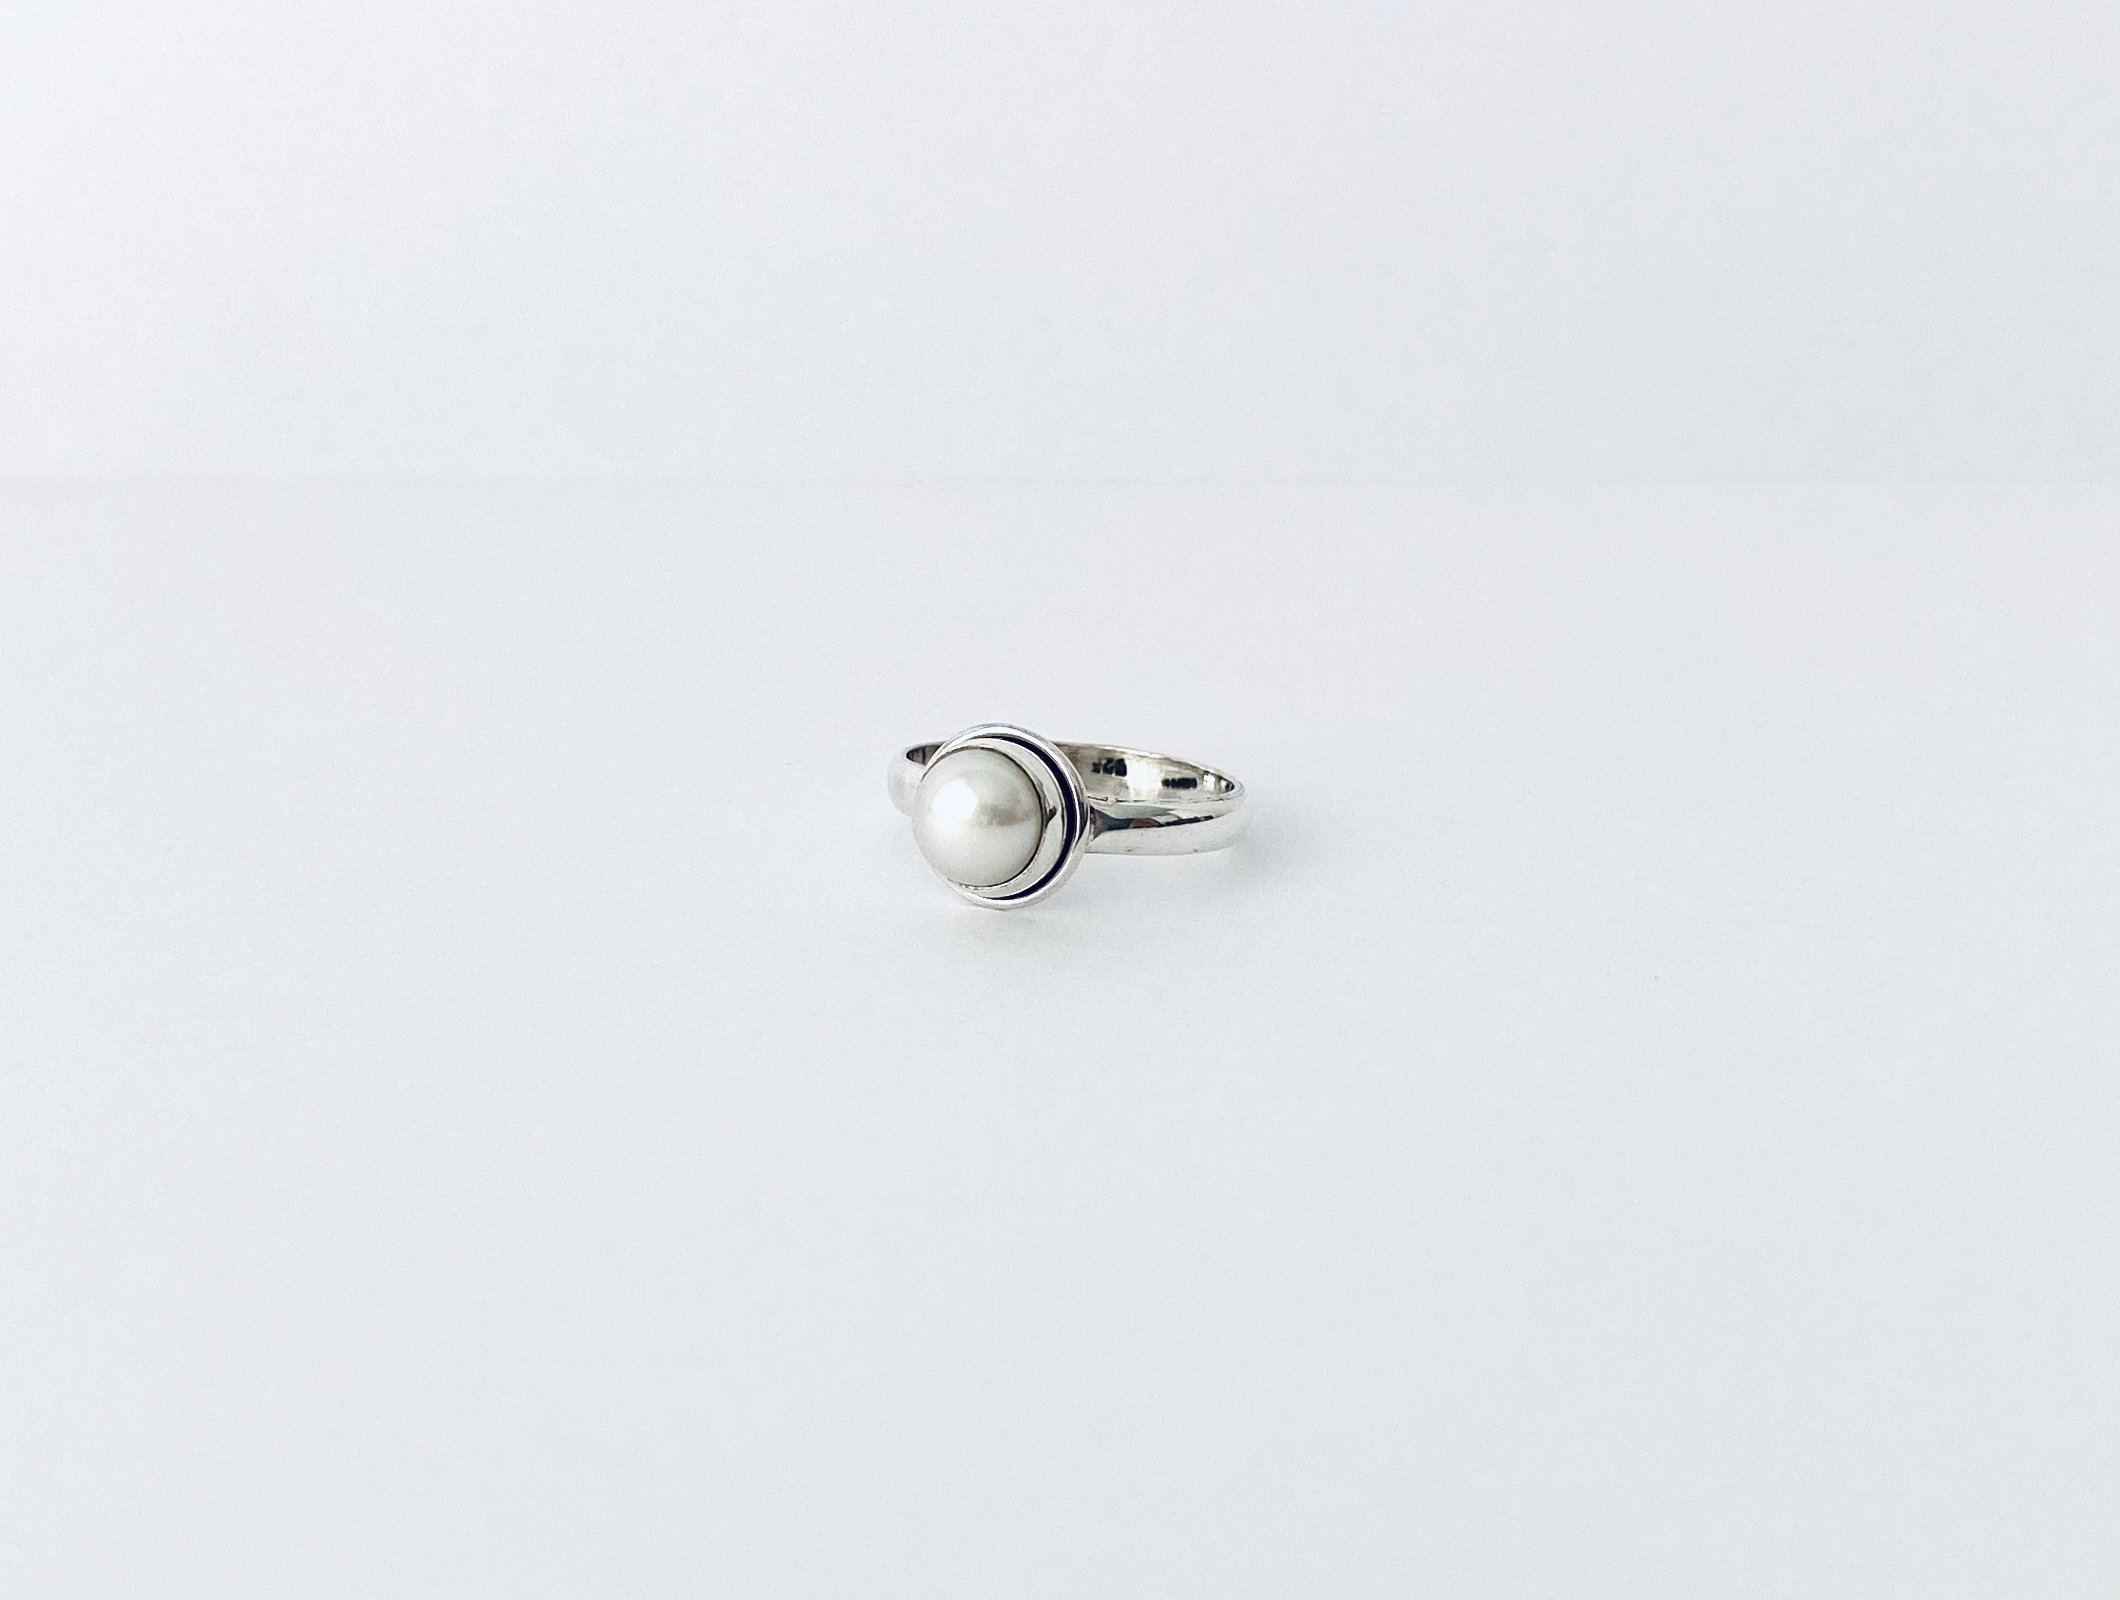 Zilveren ring met een zoetwaterparel